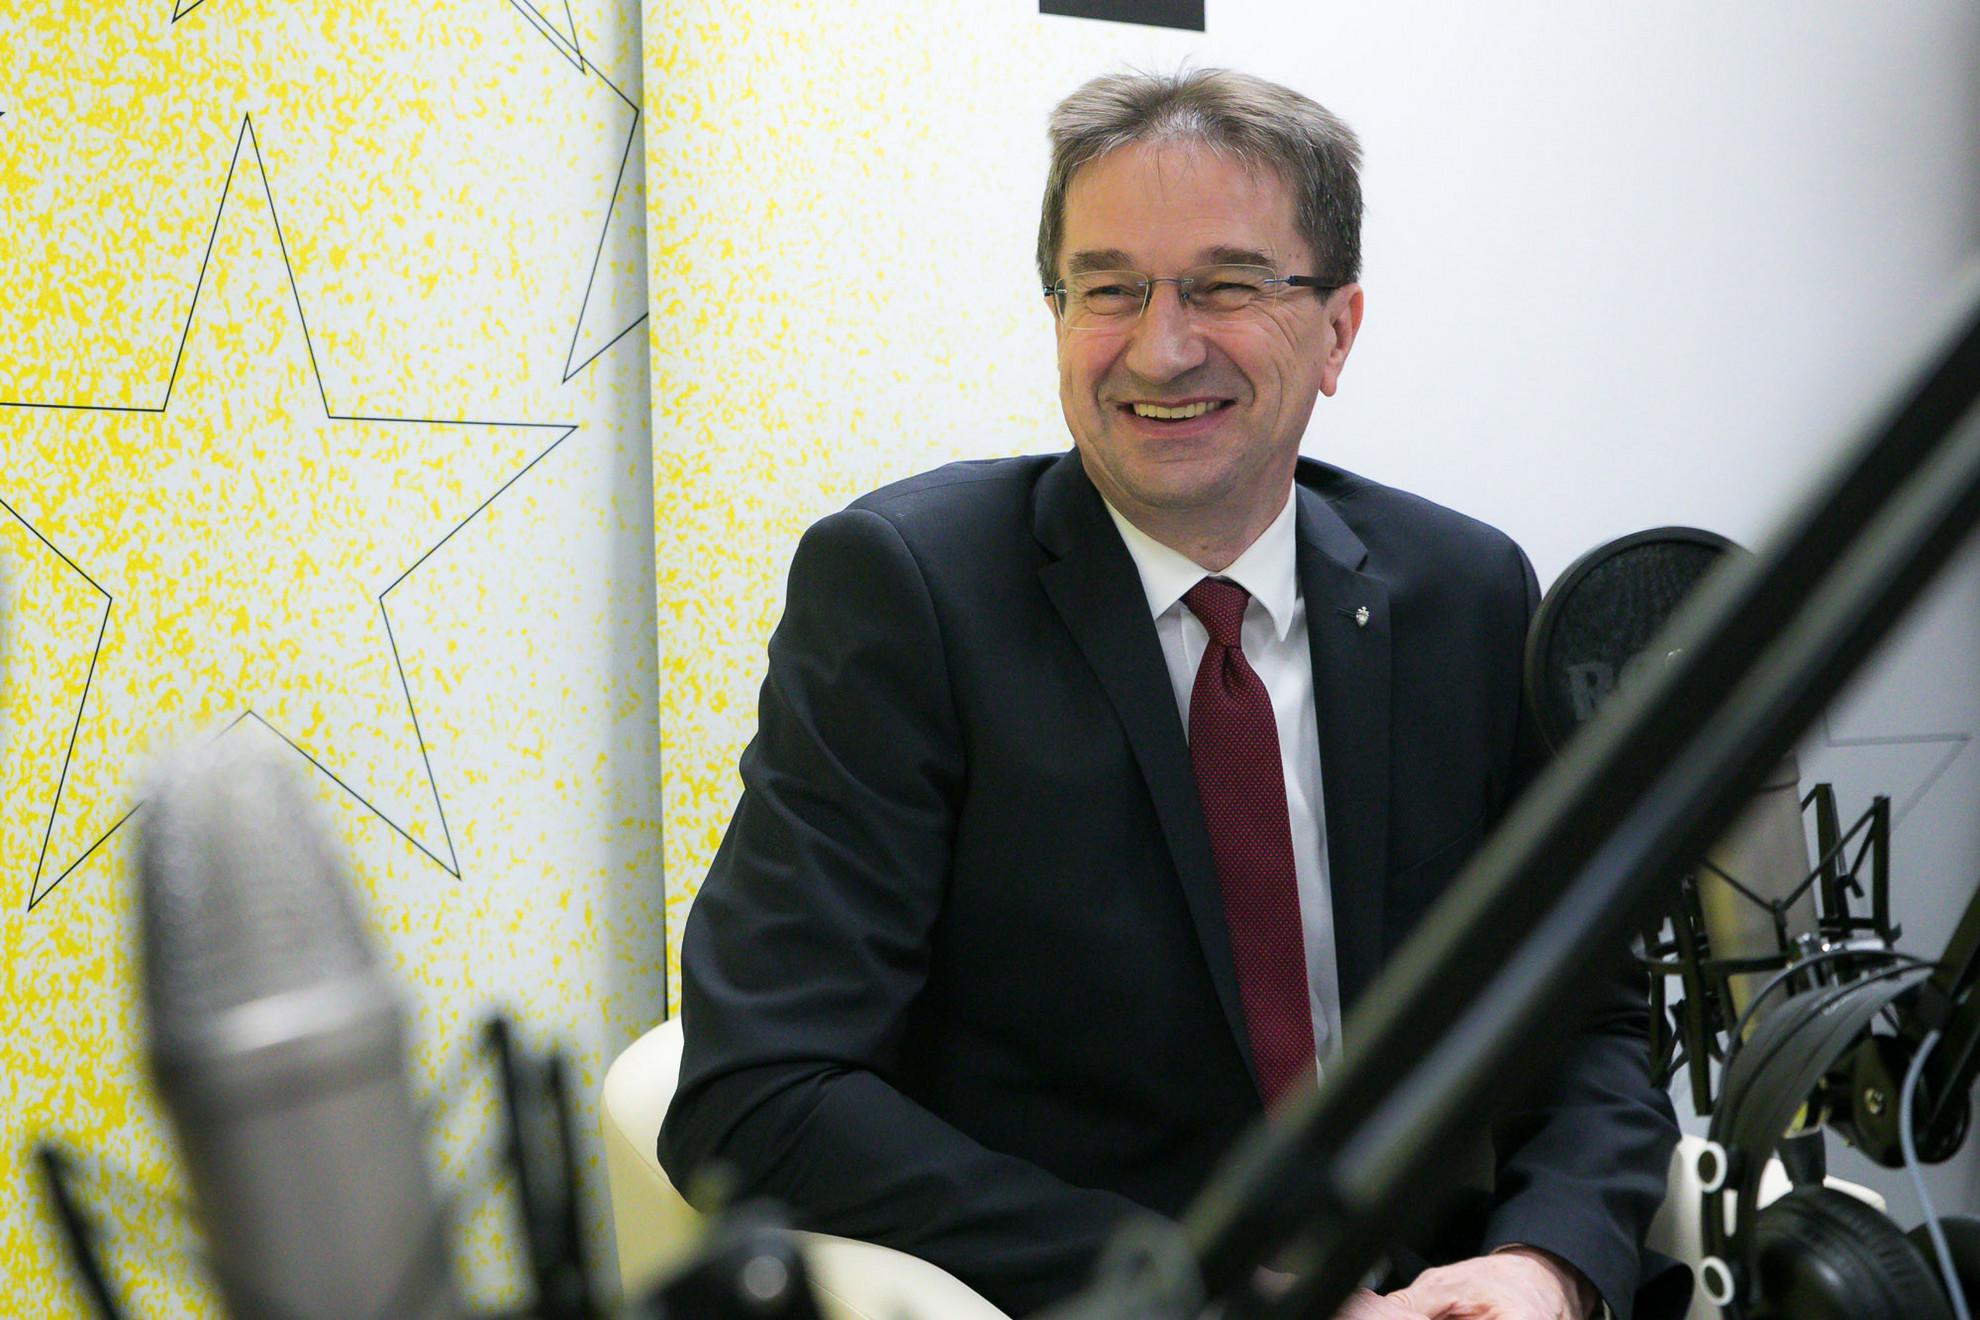 Völner Pál, az Igazságügyi Minisztérium parlamenti államtitkára a Faktum adásának felvételén